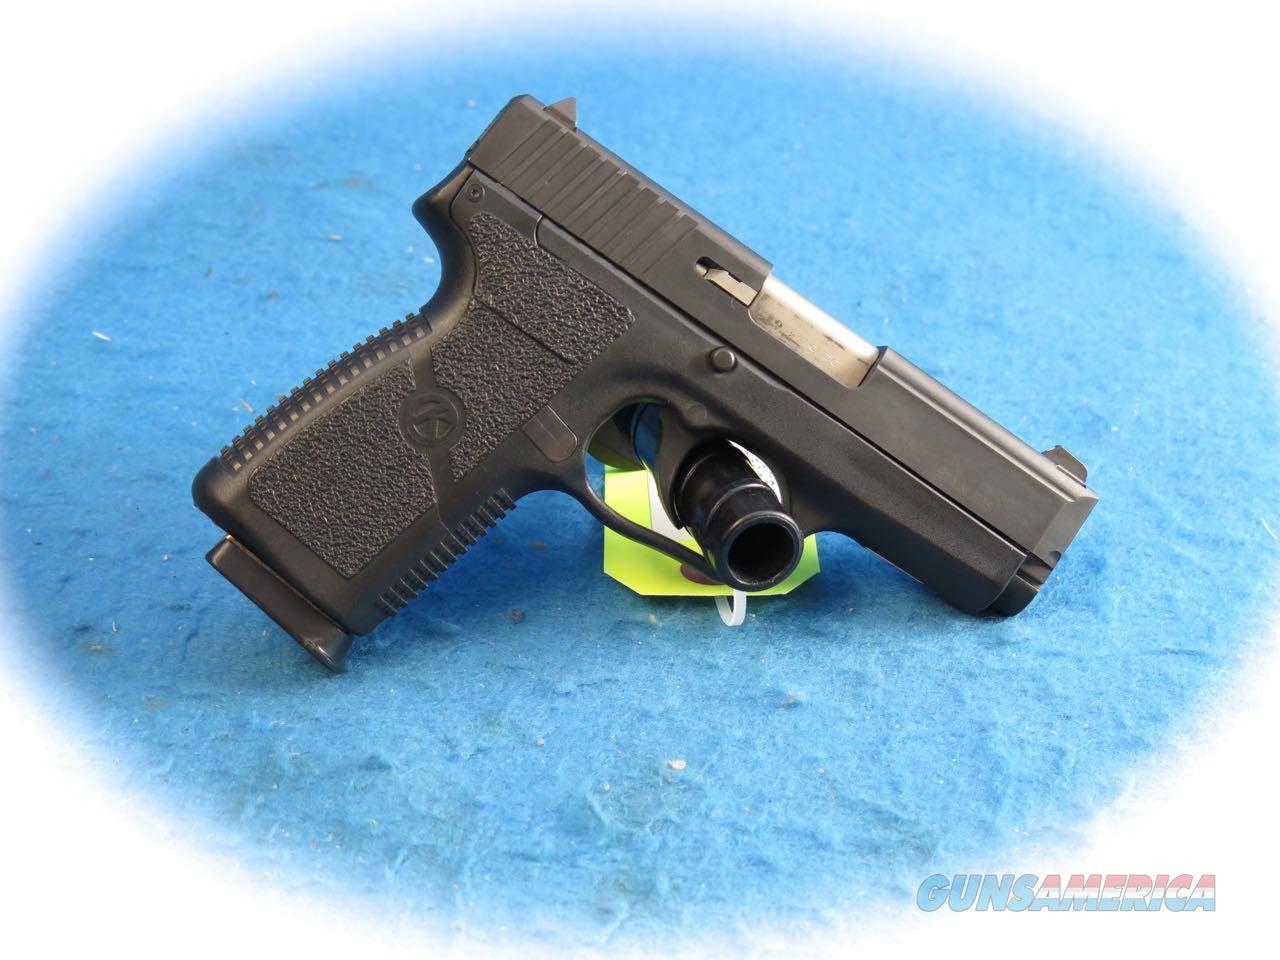 Kahr P9 9mm Semi Auto Pistol **Used**  Guns > Pistols > Kahr Pistols